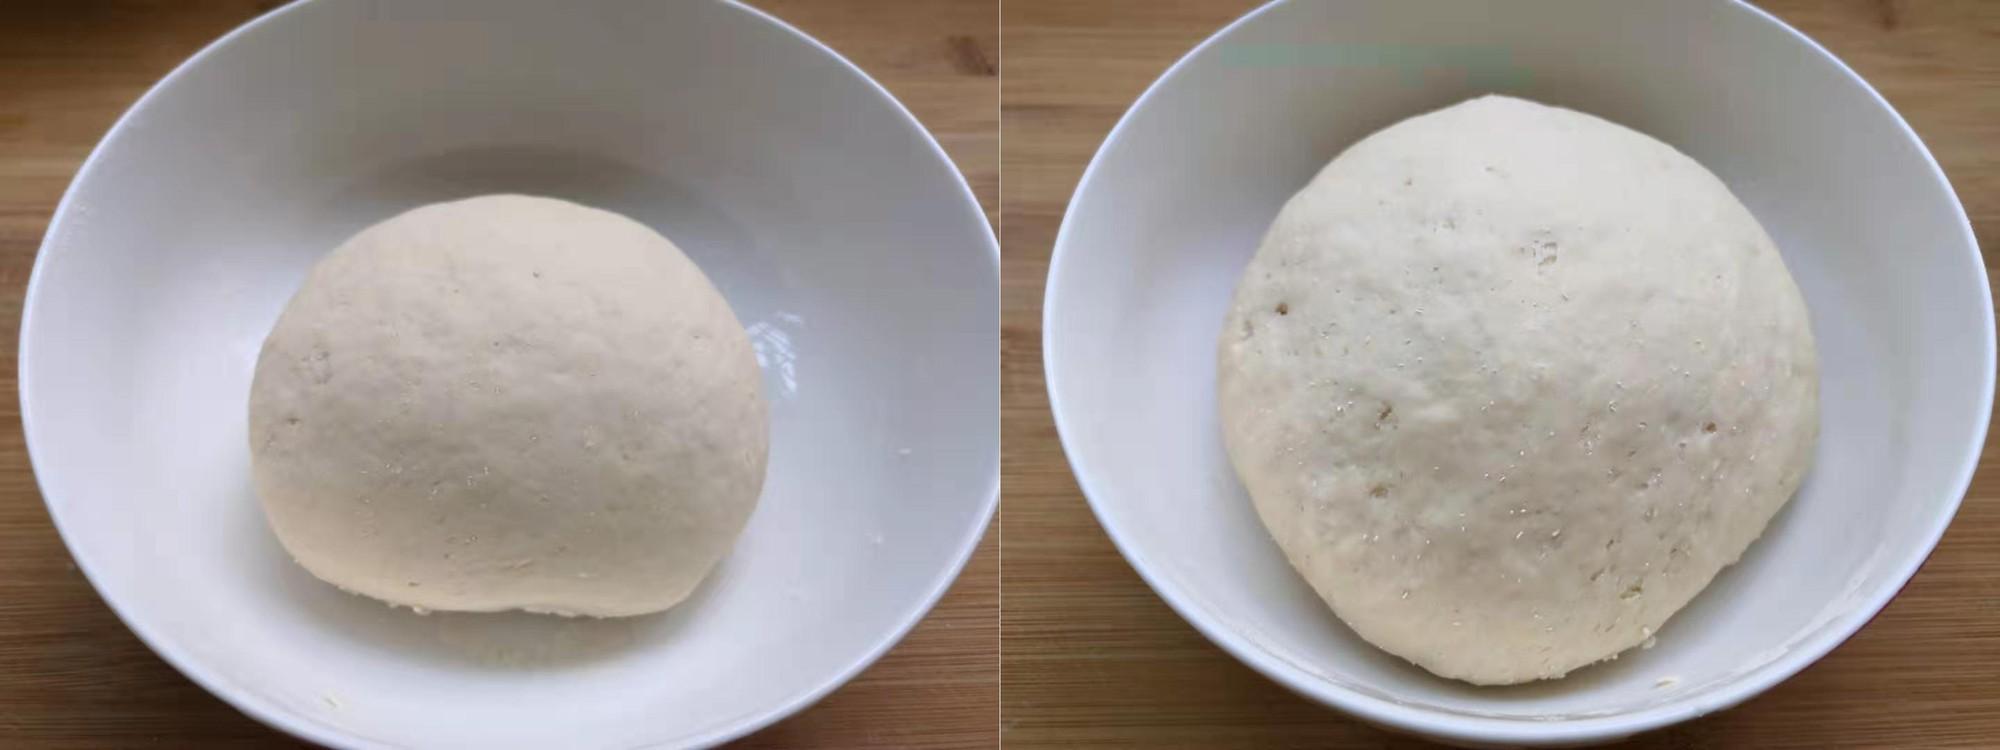 Cuối tuần rảnh rỗi làm bánh rán nhân thịt kiểu mới toanh siêu ngon ăn thử nào! - Hình 1